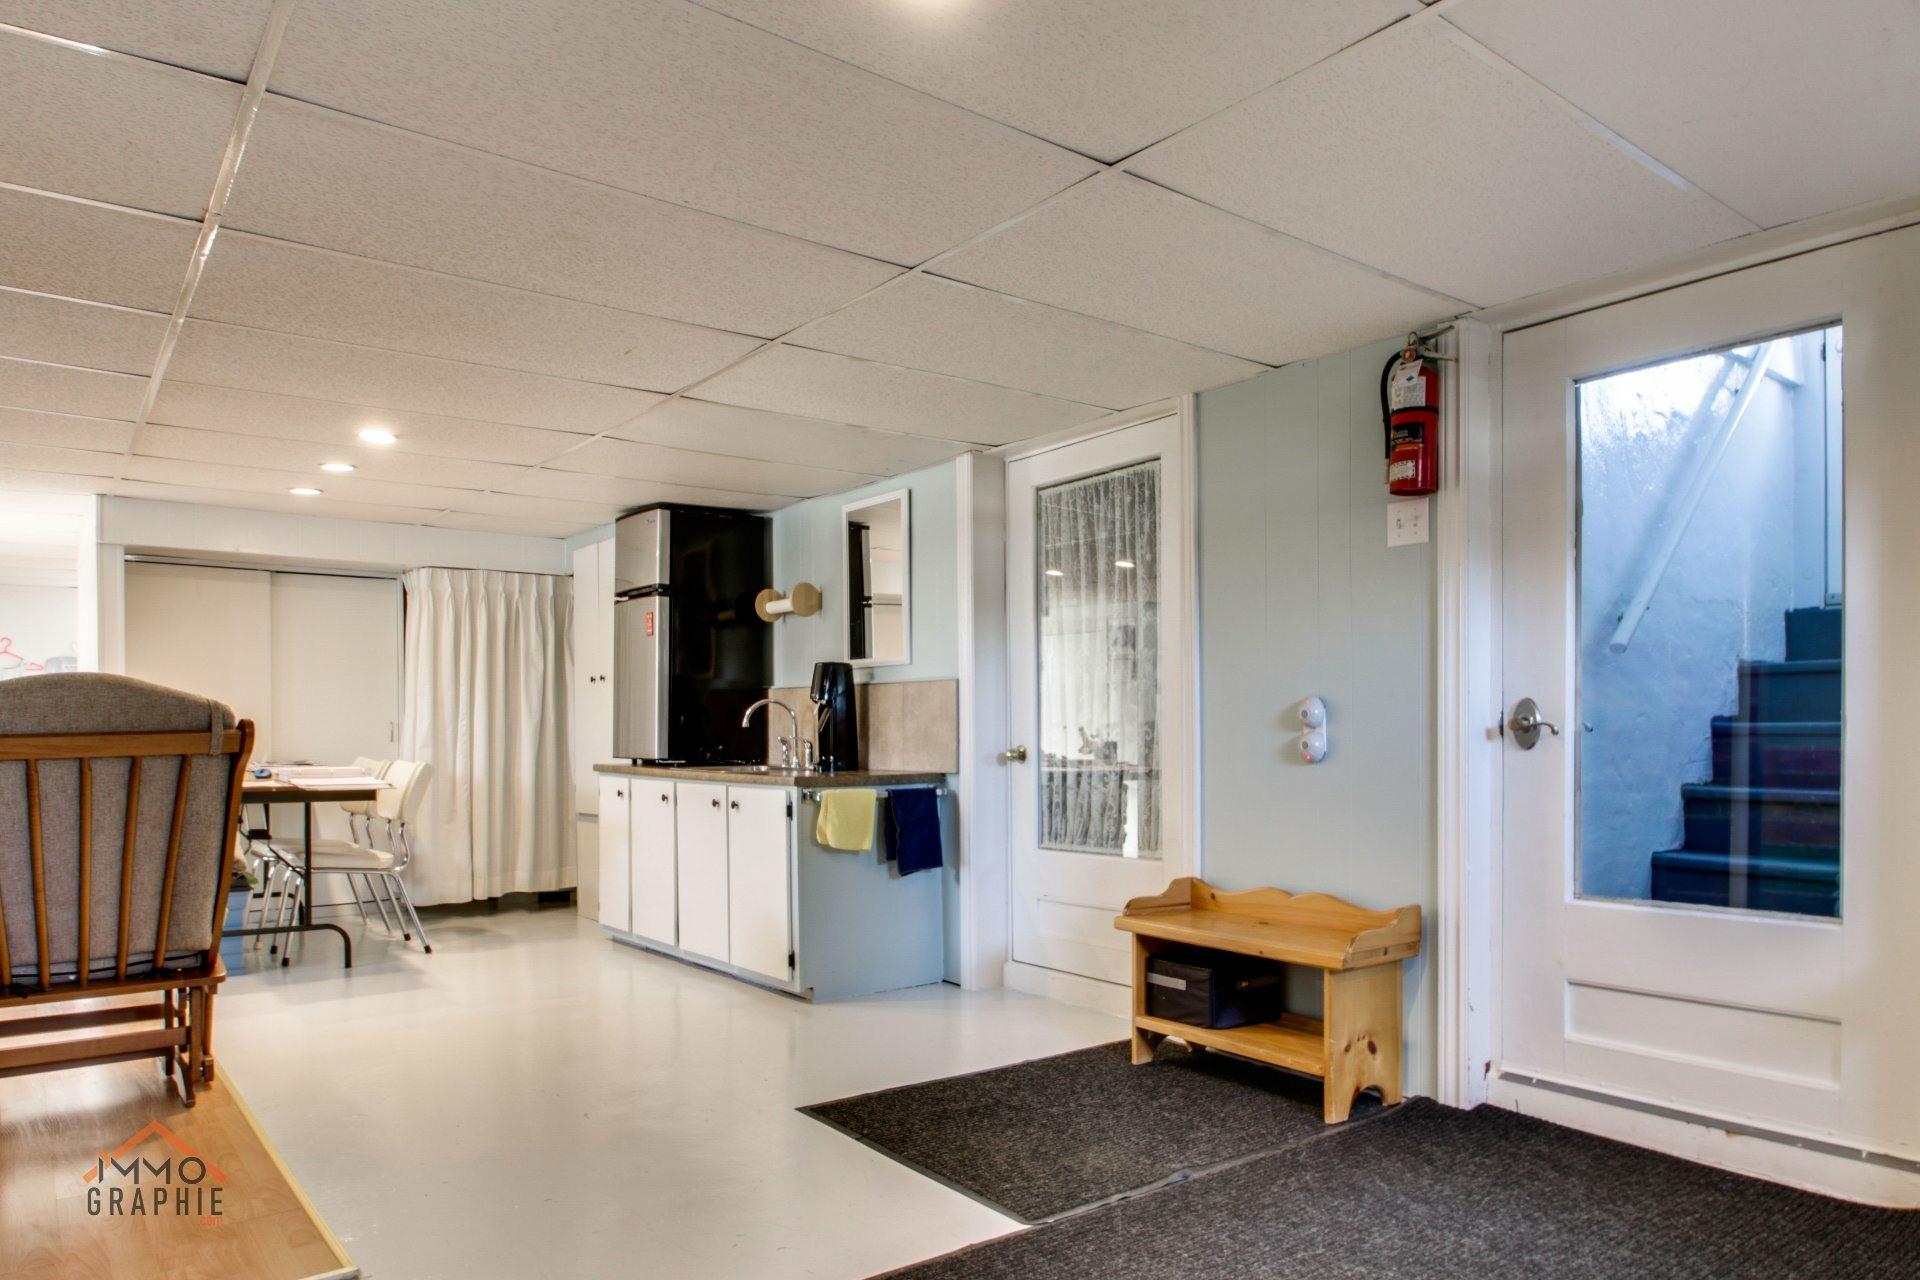 image 37 - Maison À vendre Sainte-Sophie-de-Lévrard - 13 pièces